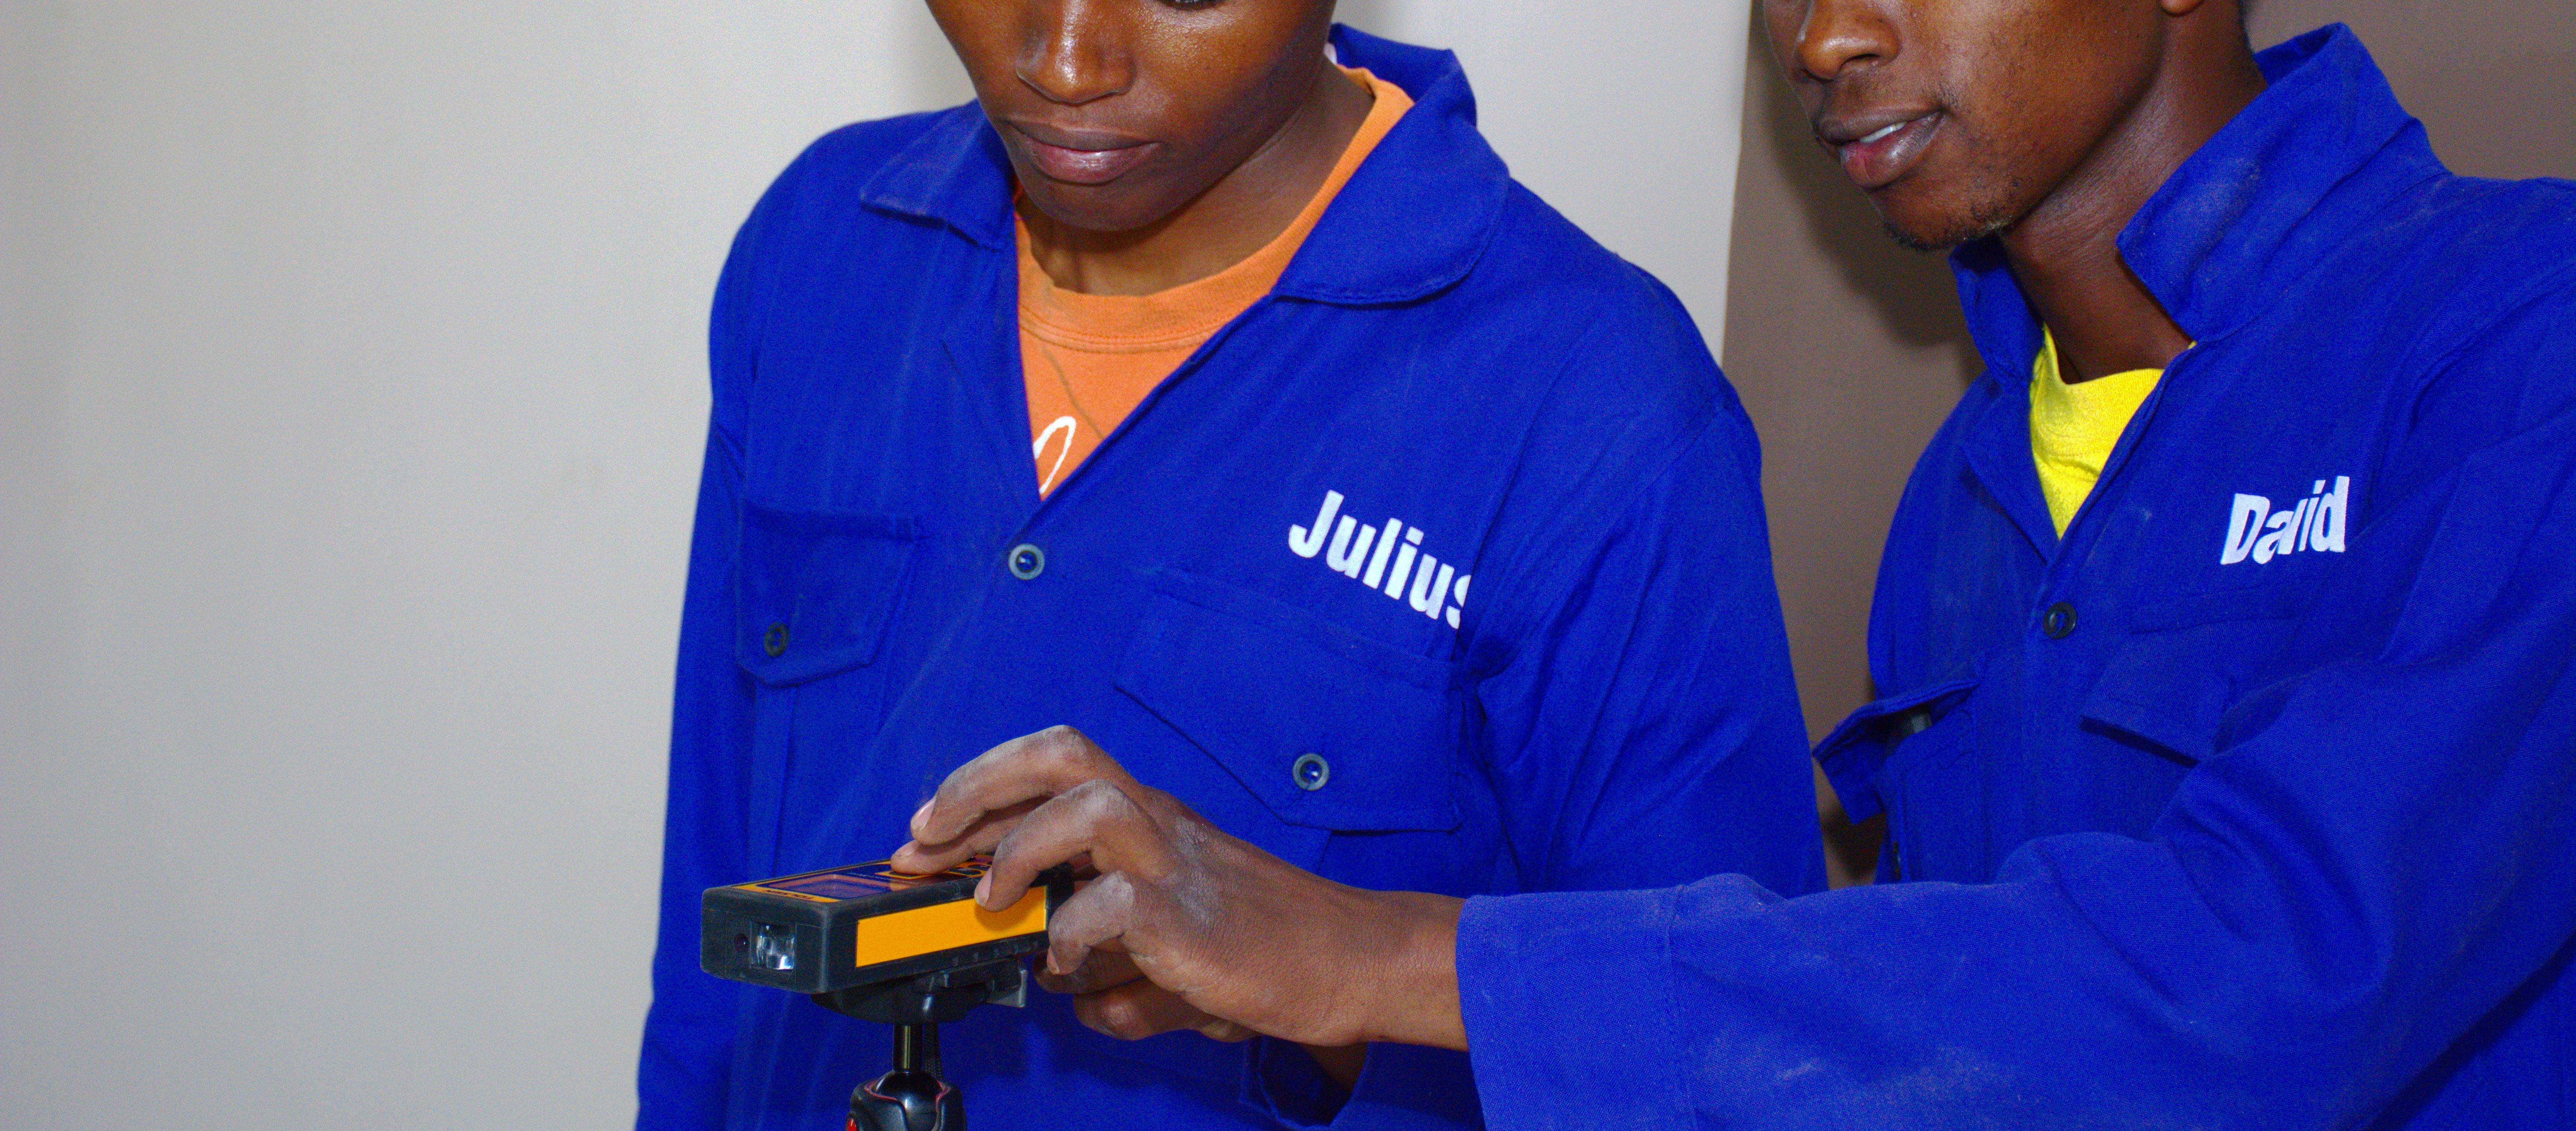 Flooring surveys, installations & services, Kenya